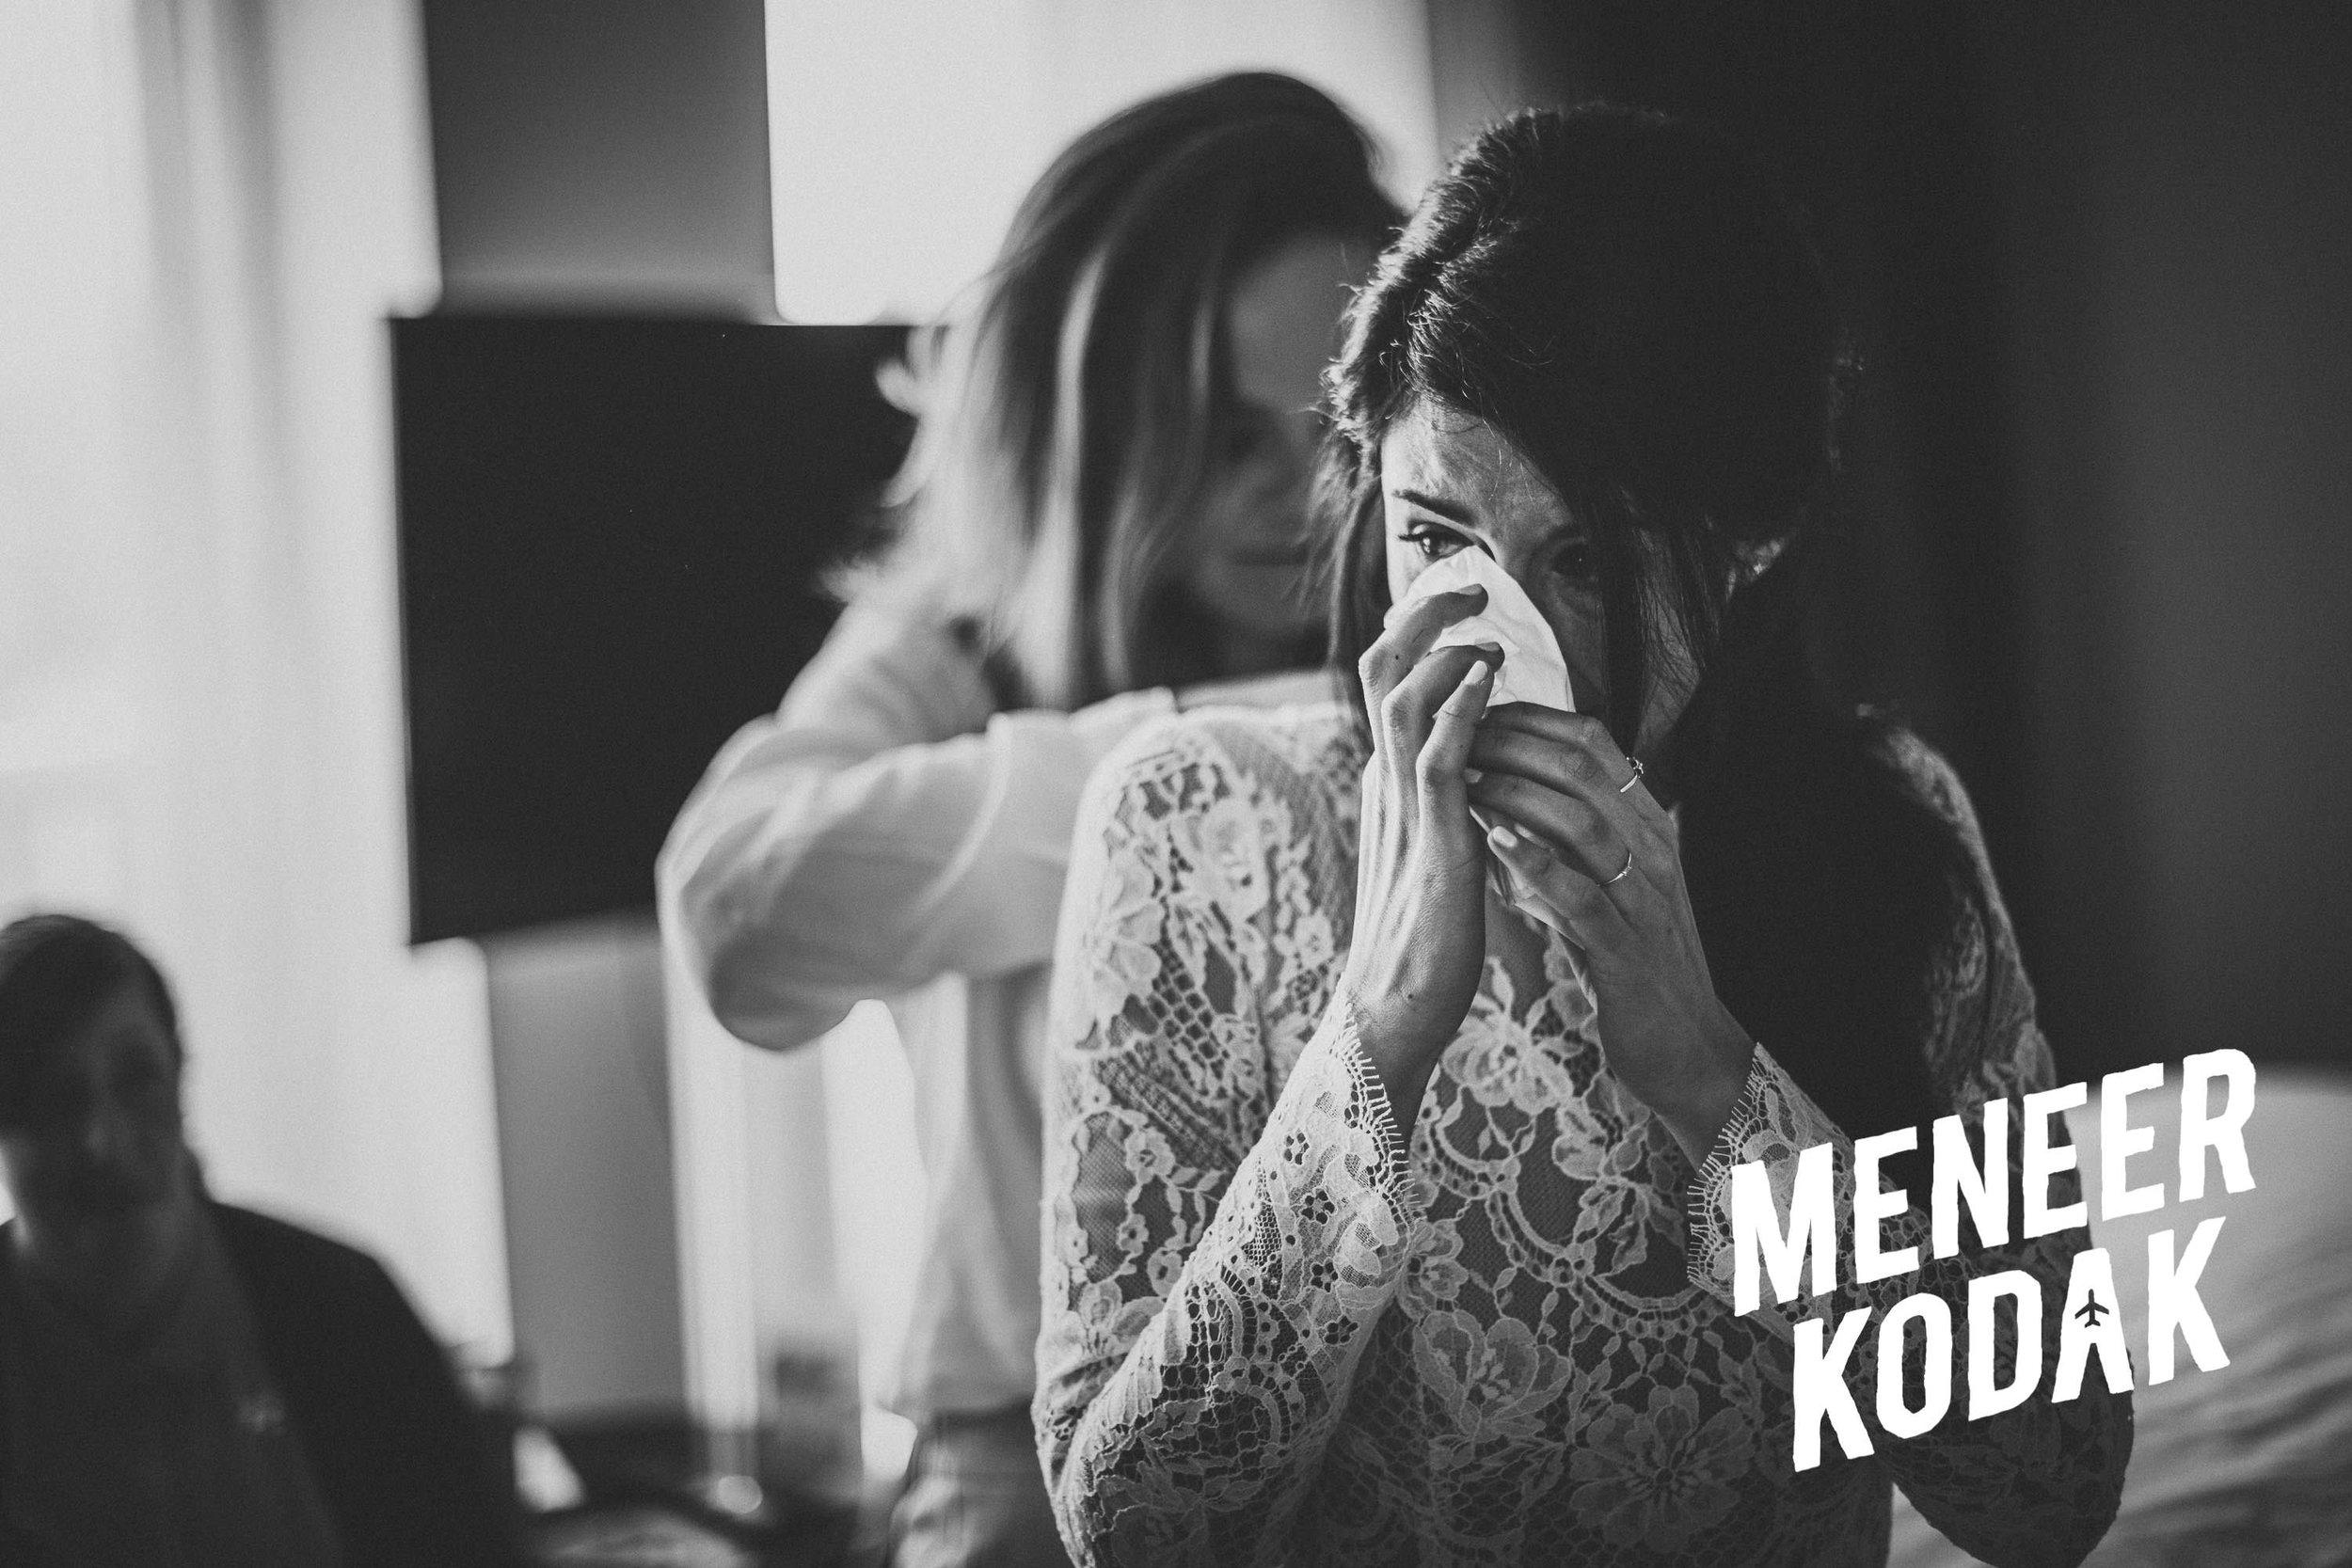 Meneer Kodak - Bruidsfotograaf - Amsterdam - M&J-008.jpg